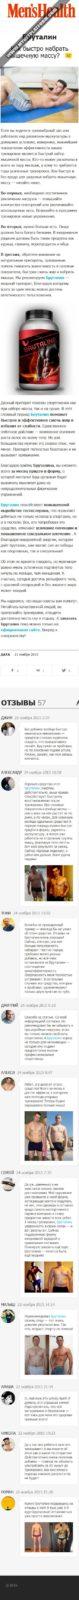 Скриншот Прокладка otvet.mail.ru для товара Brutaline - натуральный продукт 01 - моб